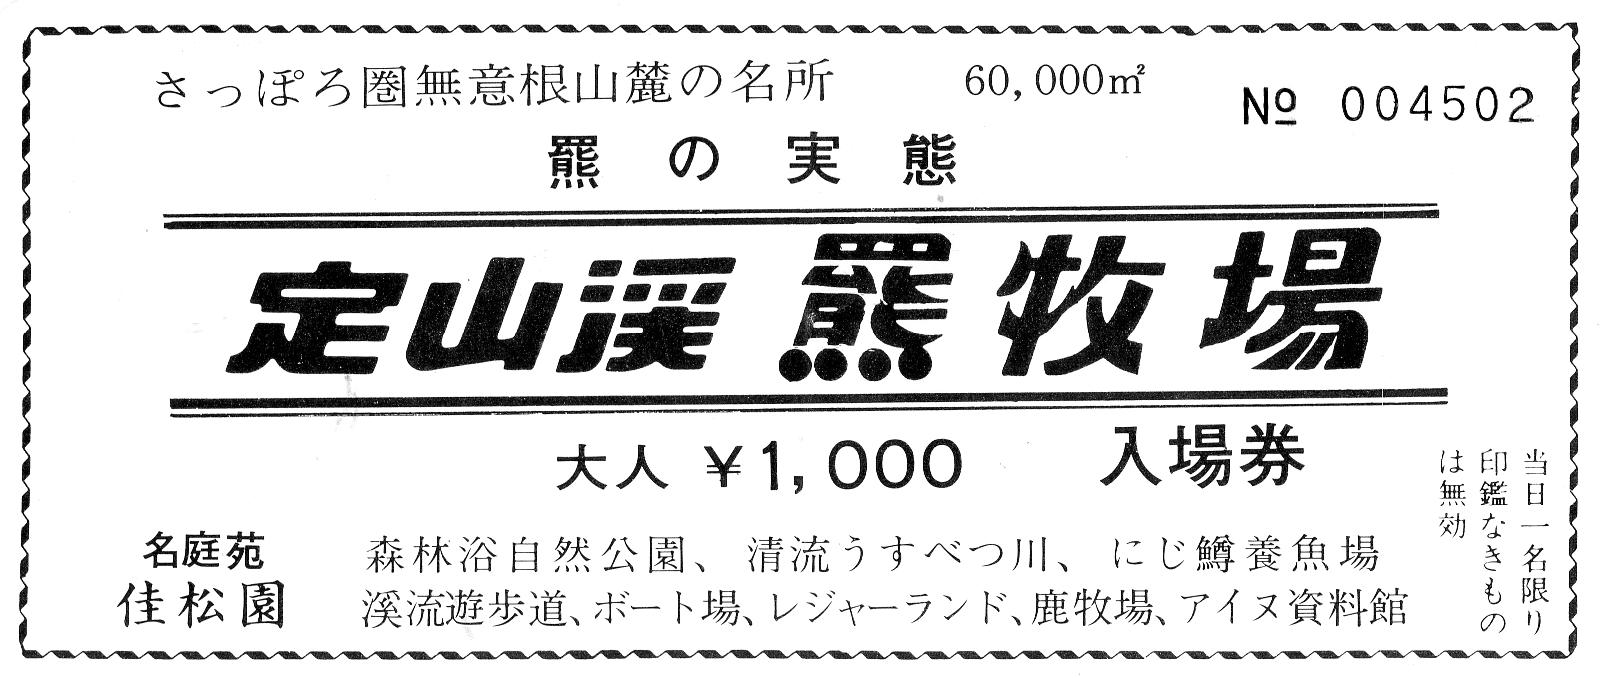 20120429002.jpg